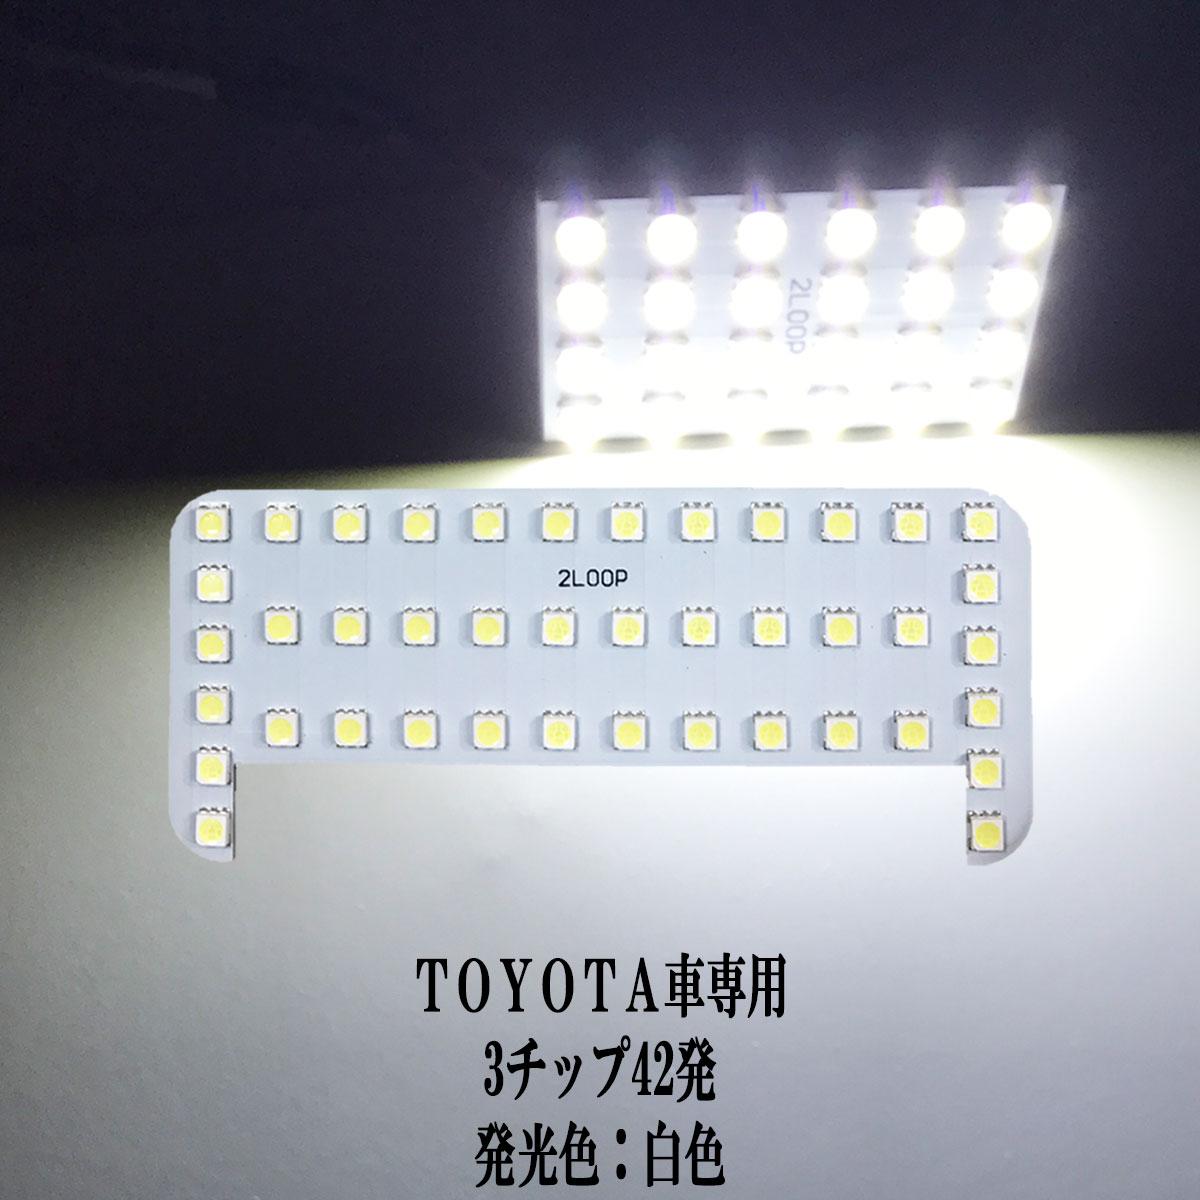 LED TOYOTA車専用 3chipSMD 42連 ルームランプ 純白光 2LOOP(ツーループ) 【配送B送料無料※代引きは送料加算】